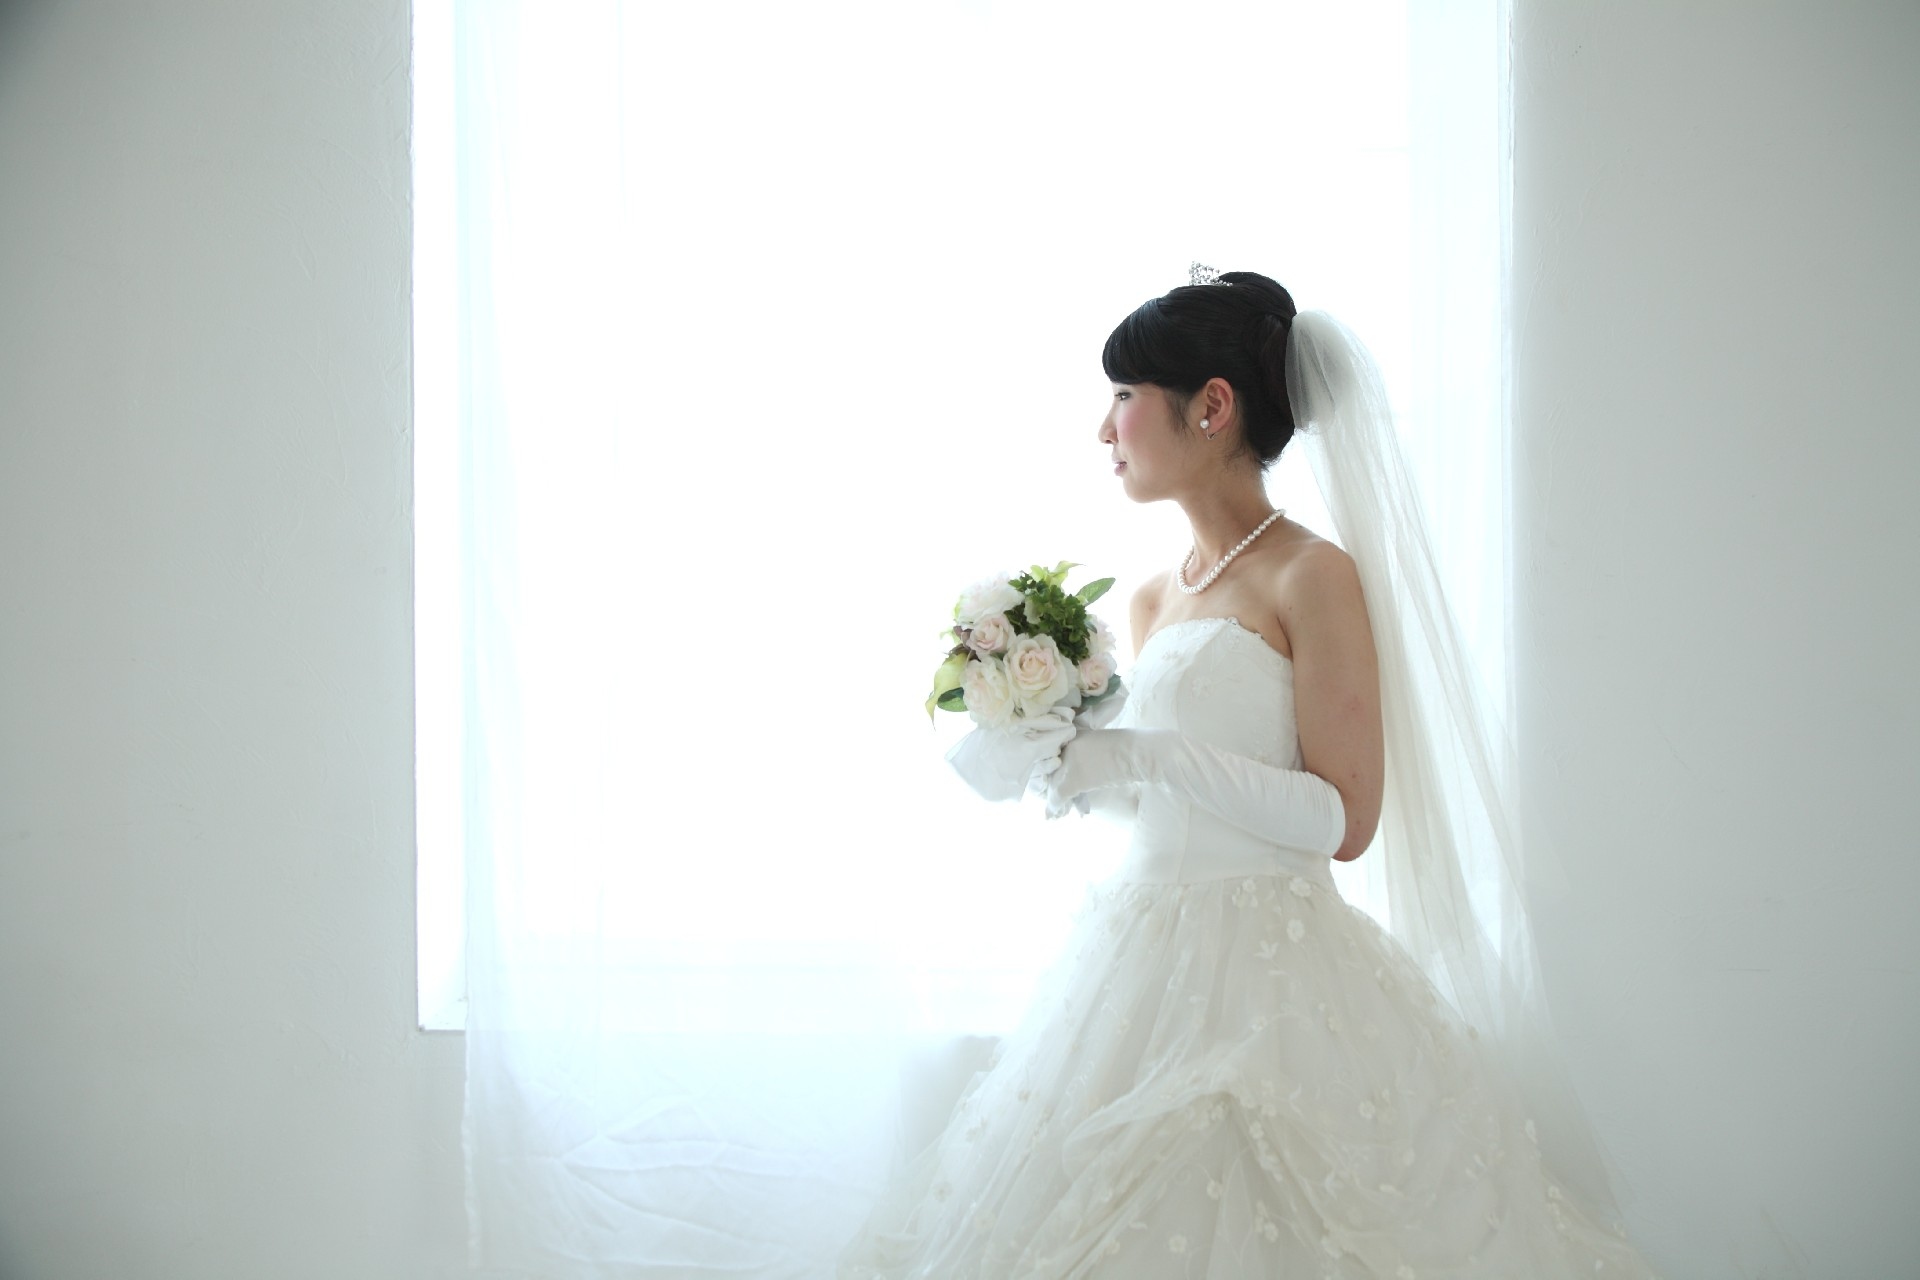 女性の結婚の悩み